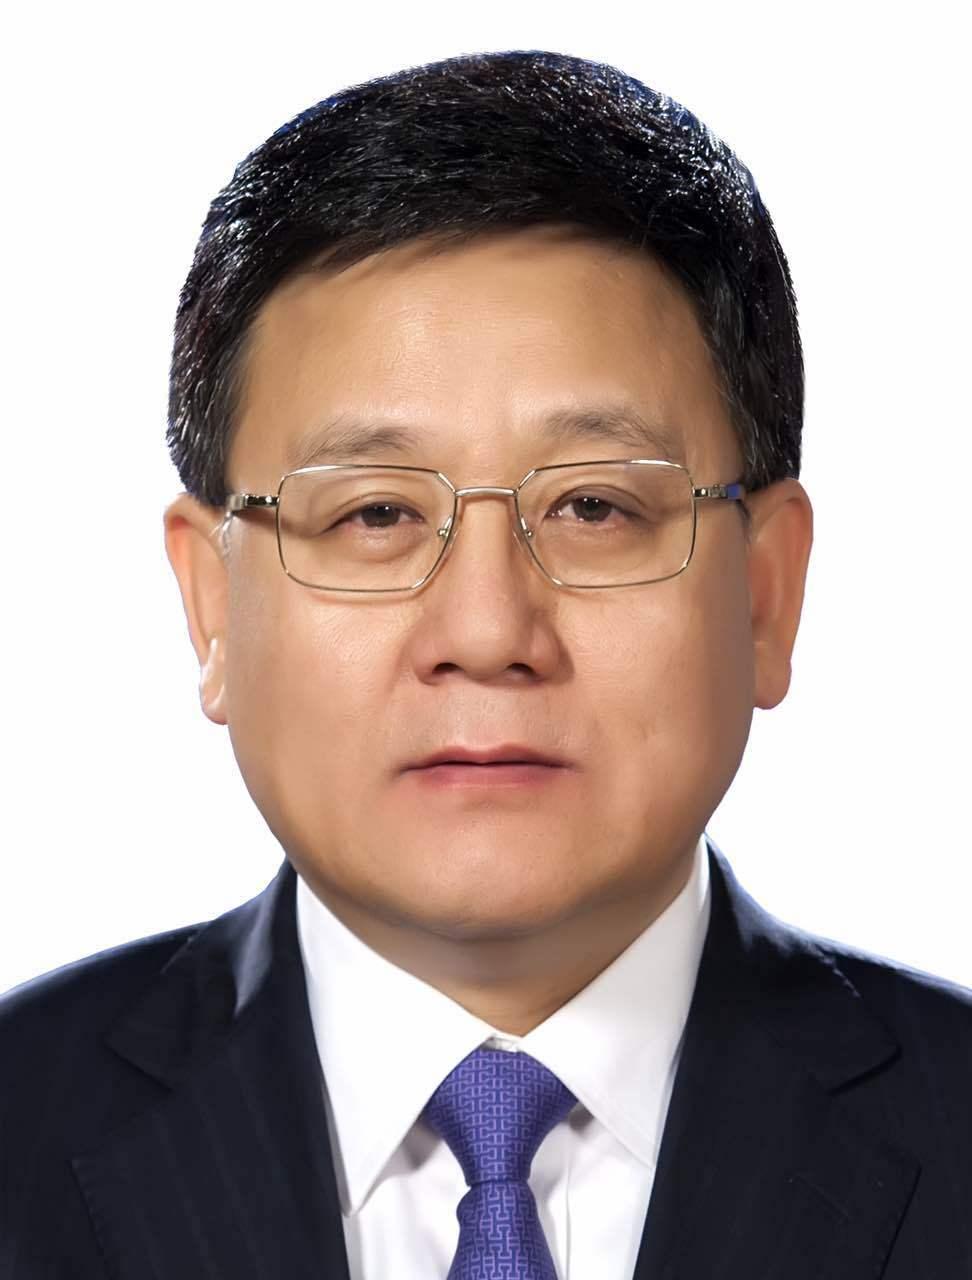 王贺胜任国家疾病预防控制局局长